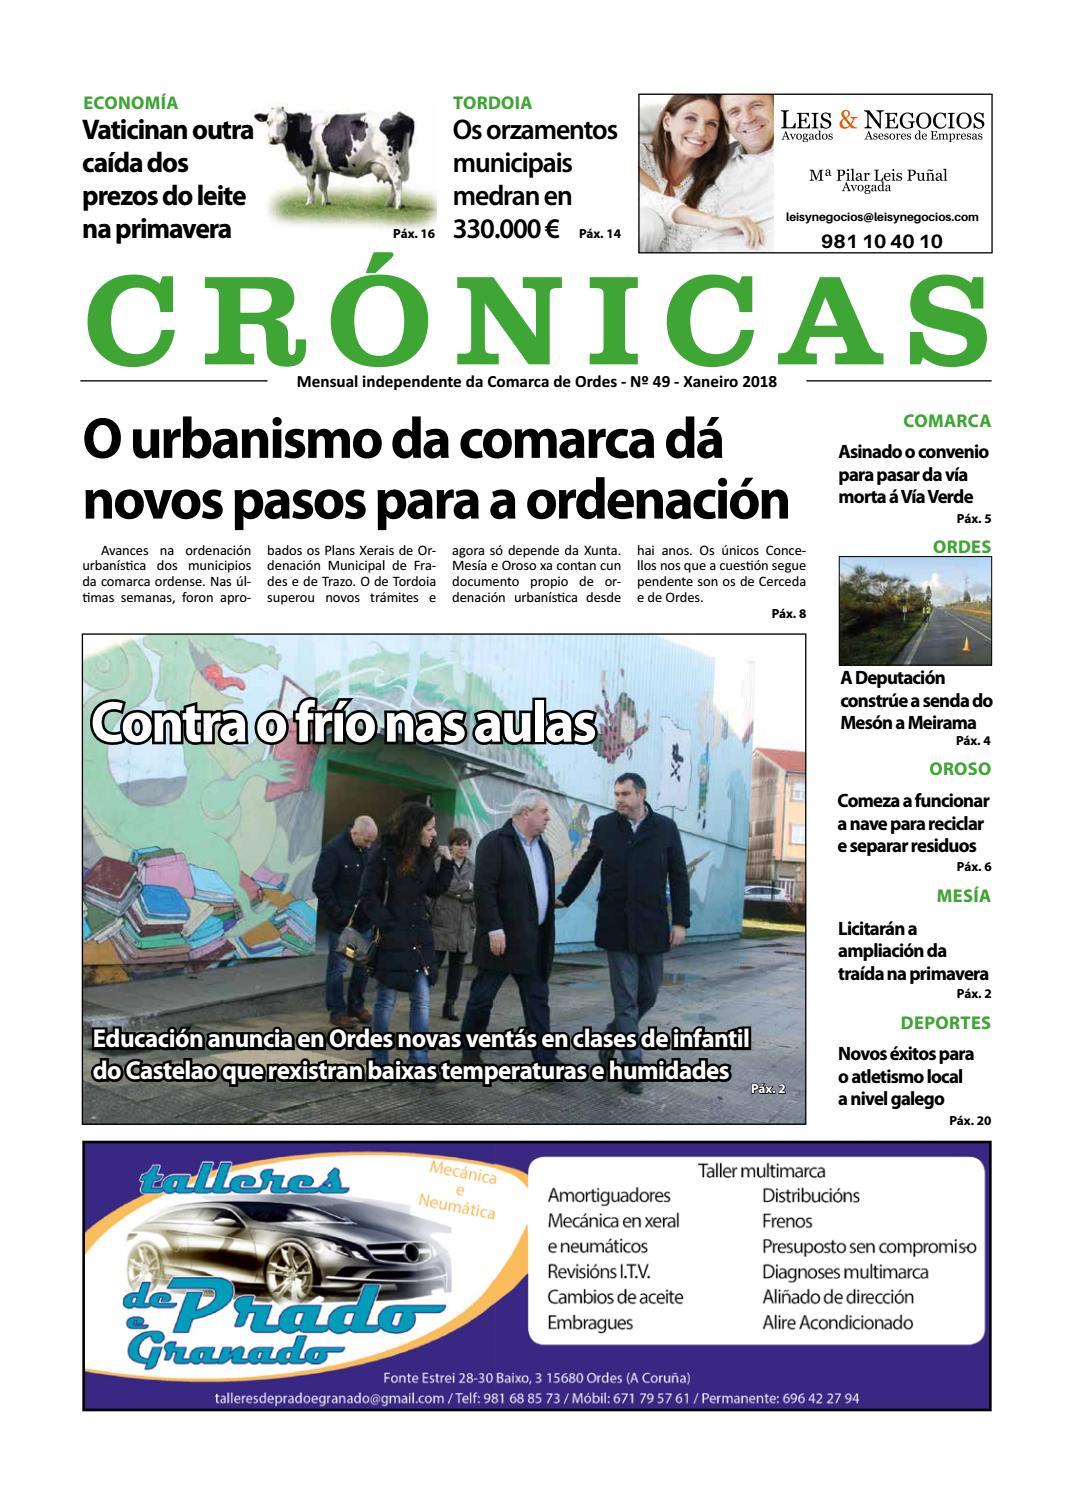 Cronicas Comarcadeordes N49 Xaneiro2018 By Cr Nicas Peri Dico  # Muebles Visantona